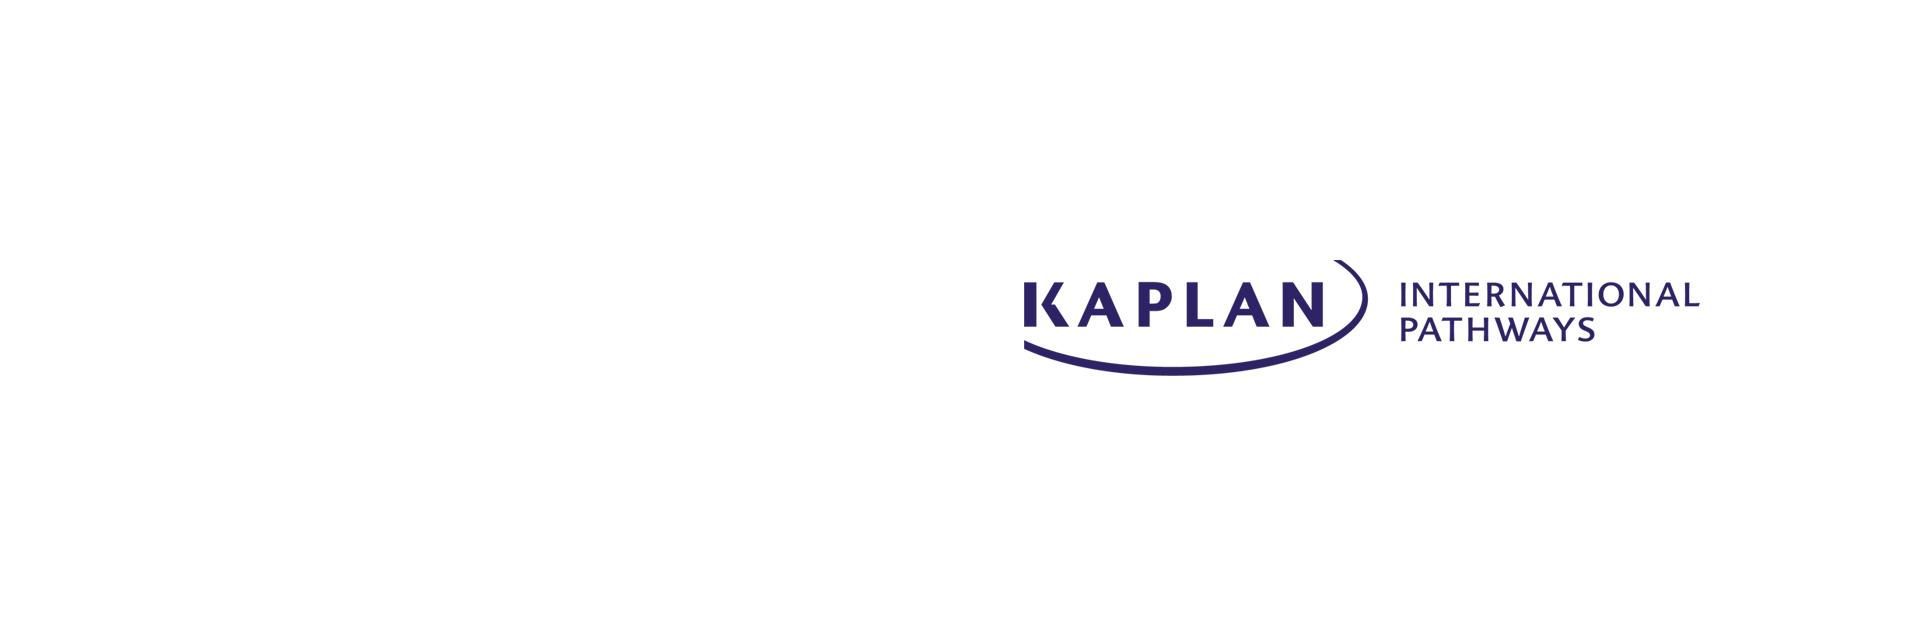 Kaplan International Pathways là gì? Các trường trong hệ thống KAPLAN tại UK